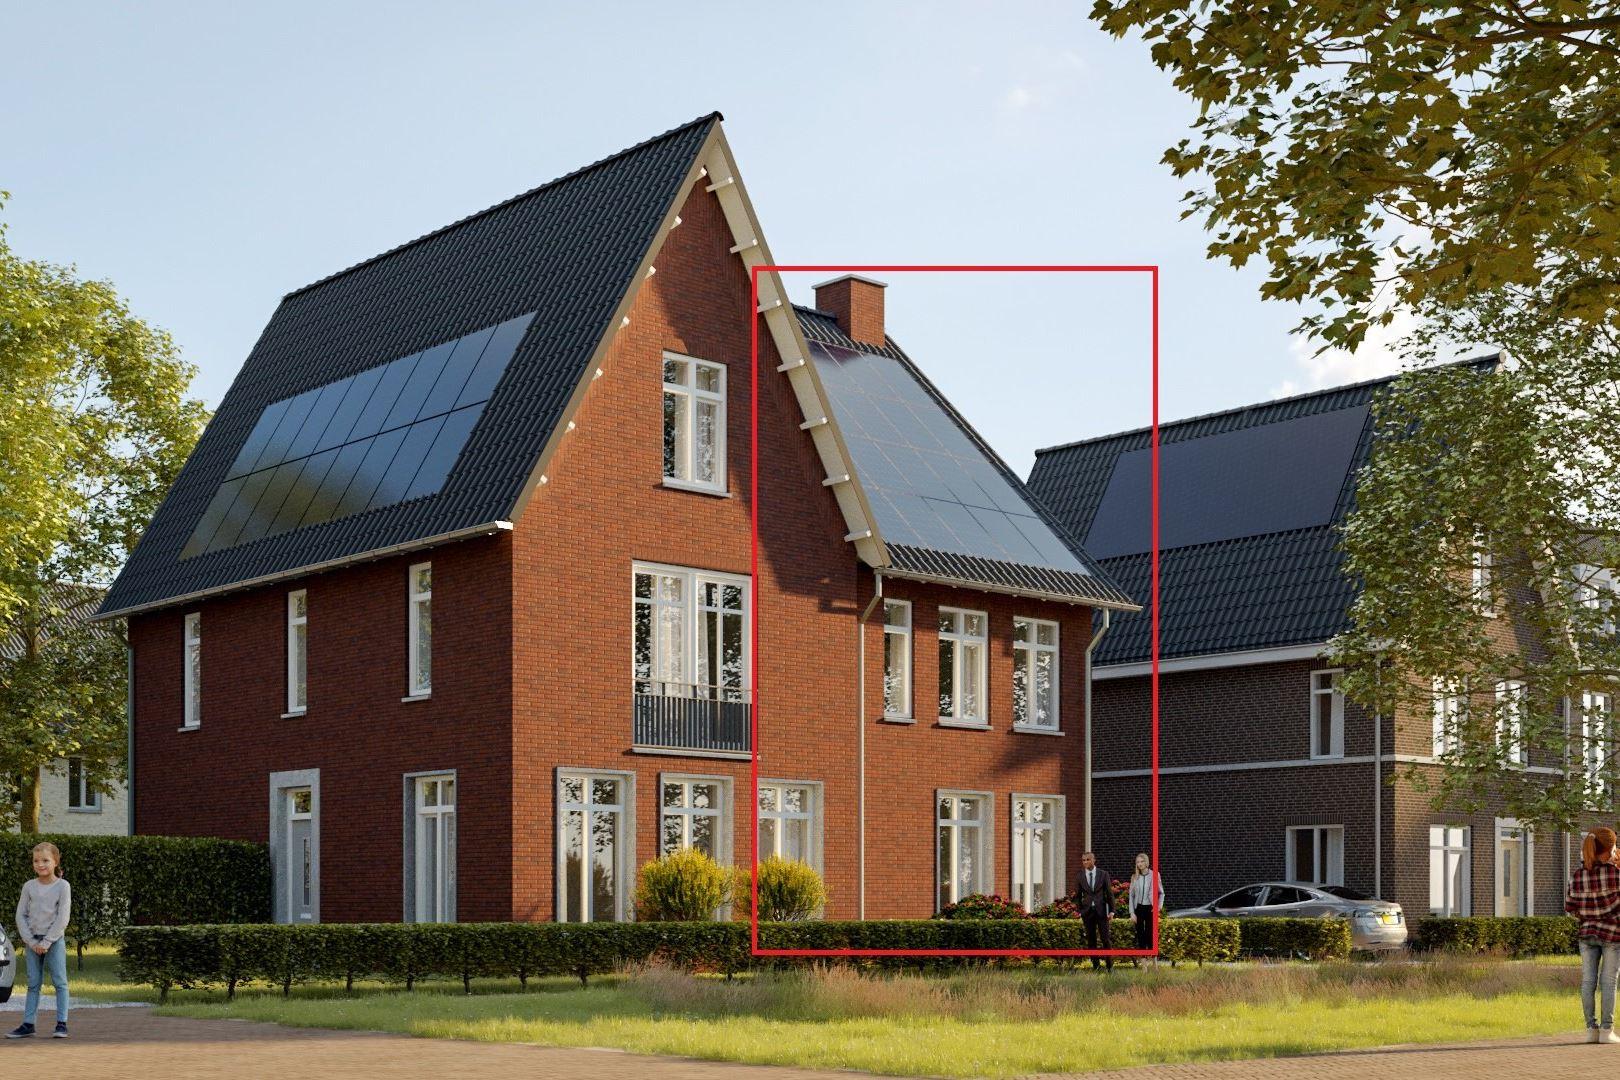 Budget Badkamer Nuenen : Huis te koop: goudhoeksland 55 5674 xv nuenen [funda]